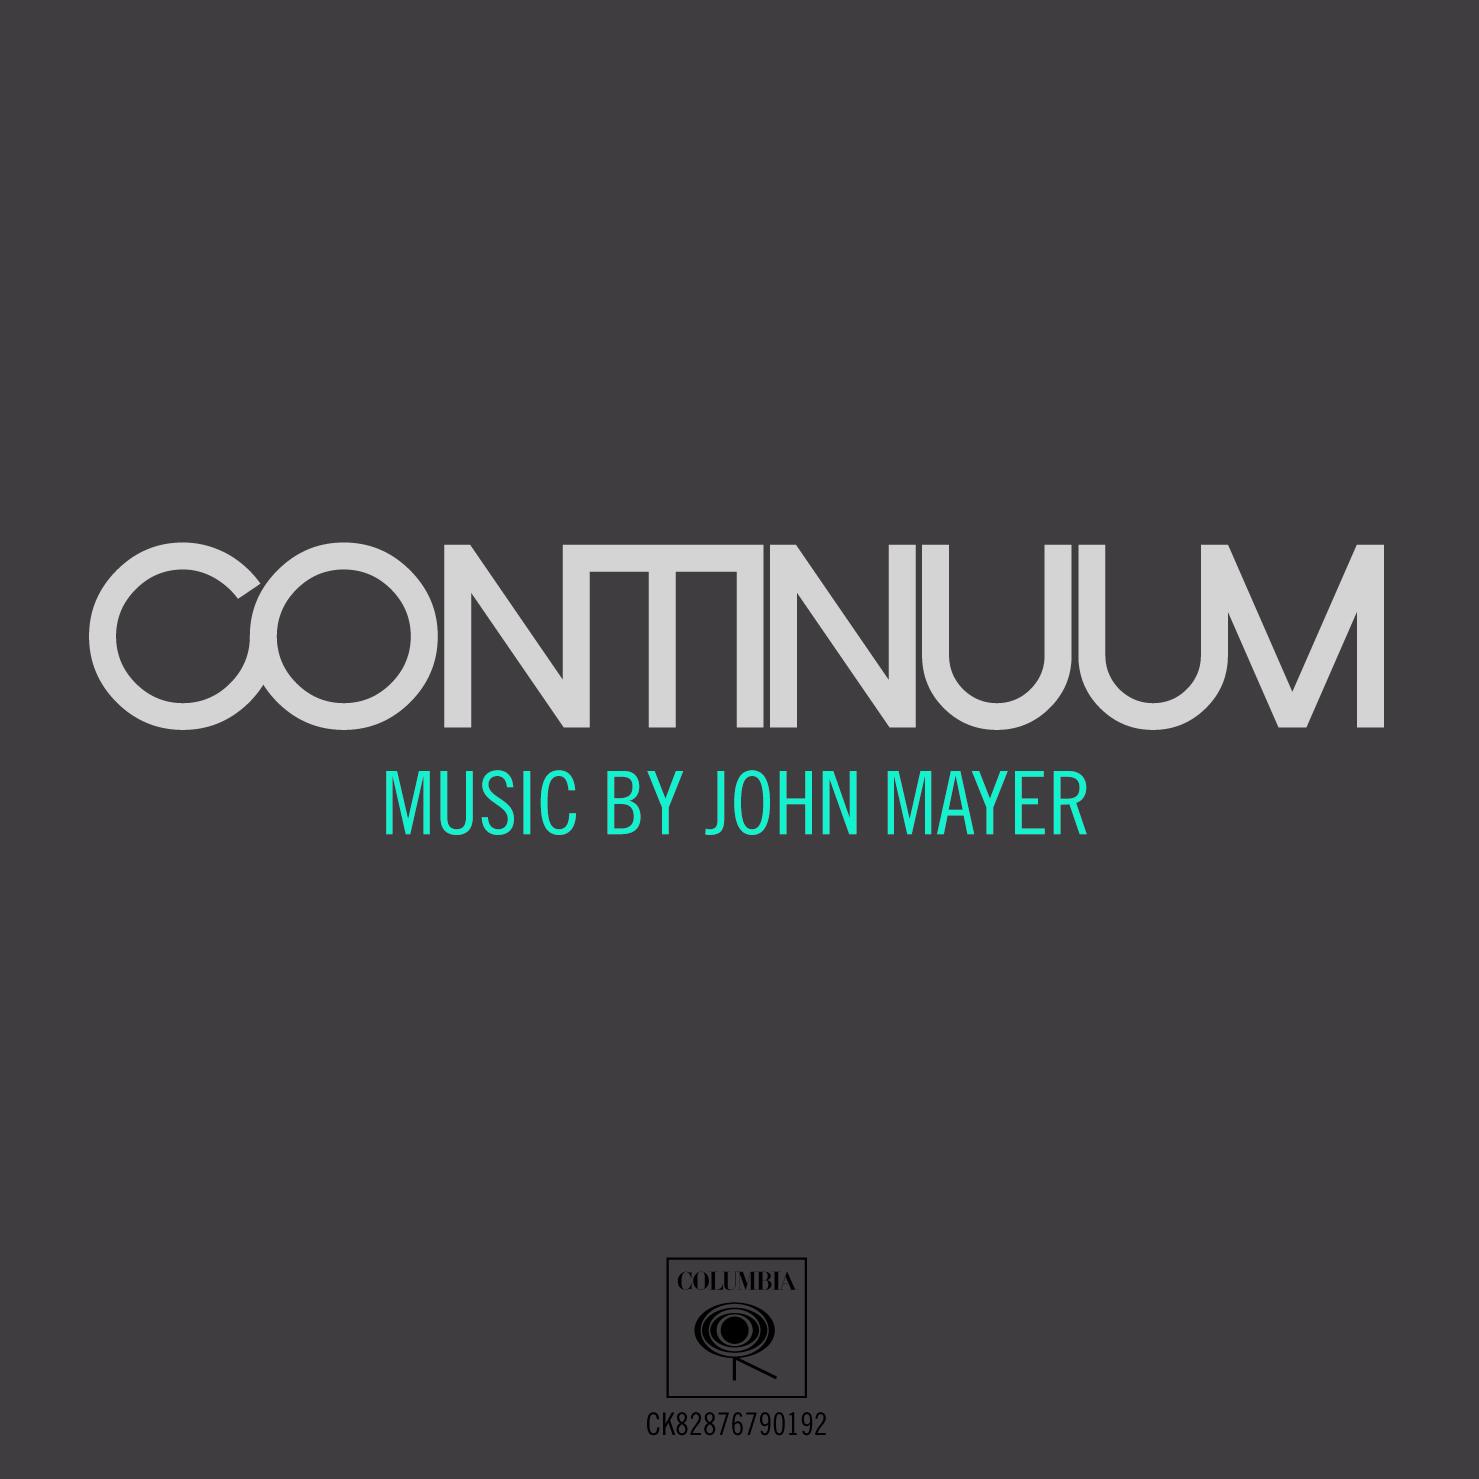 jm_continuum_mini.jpg